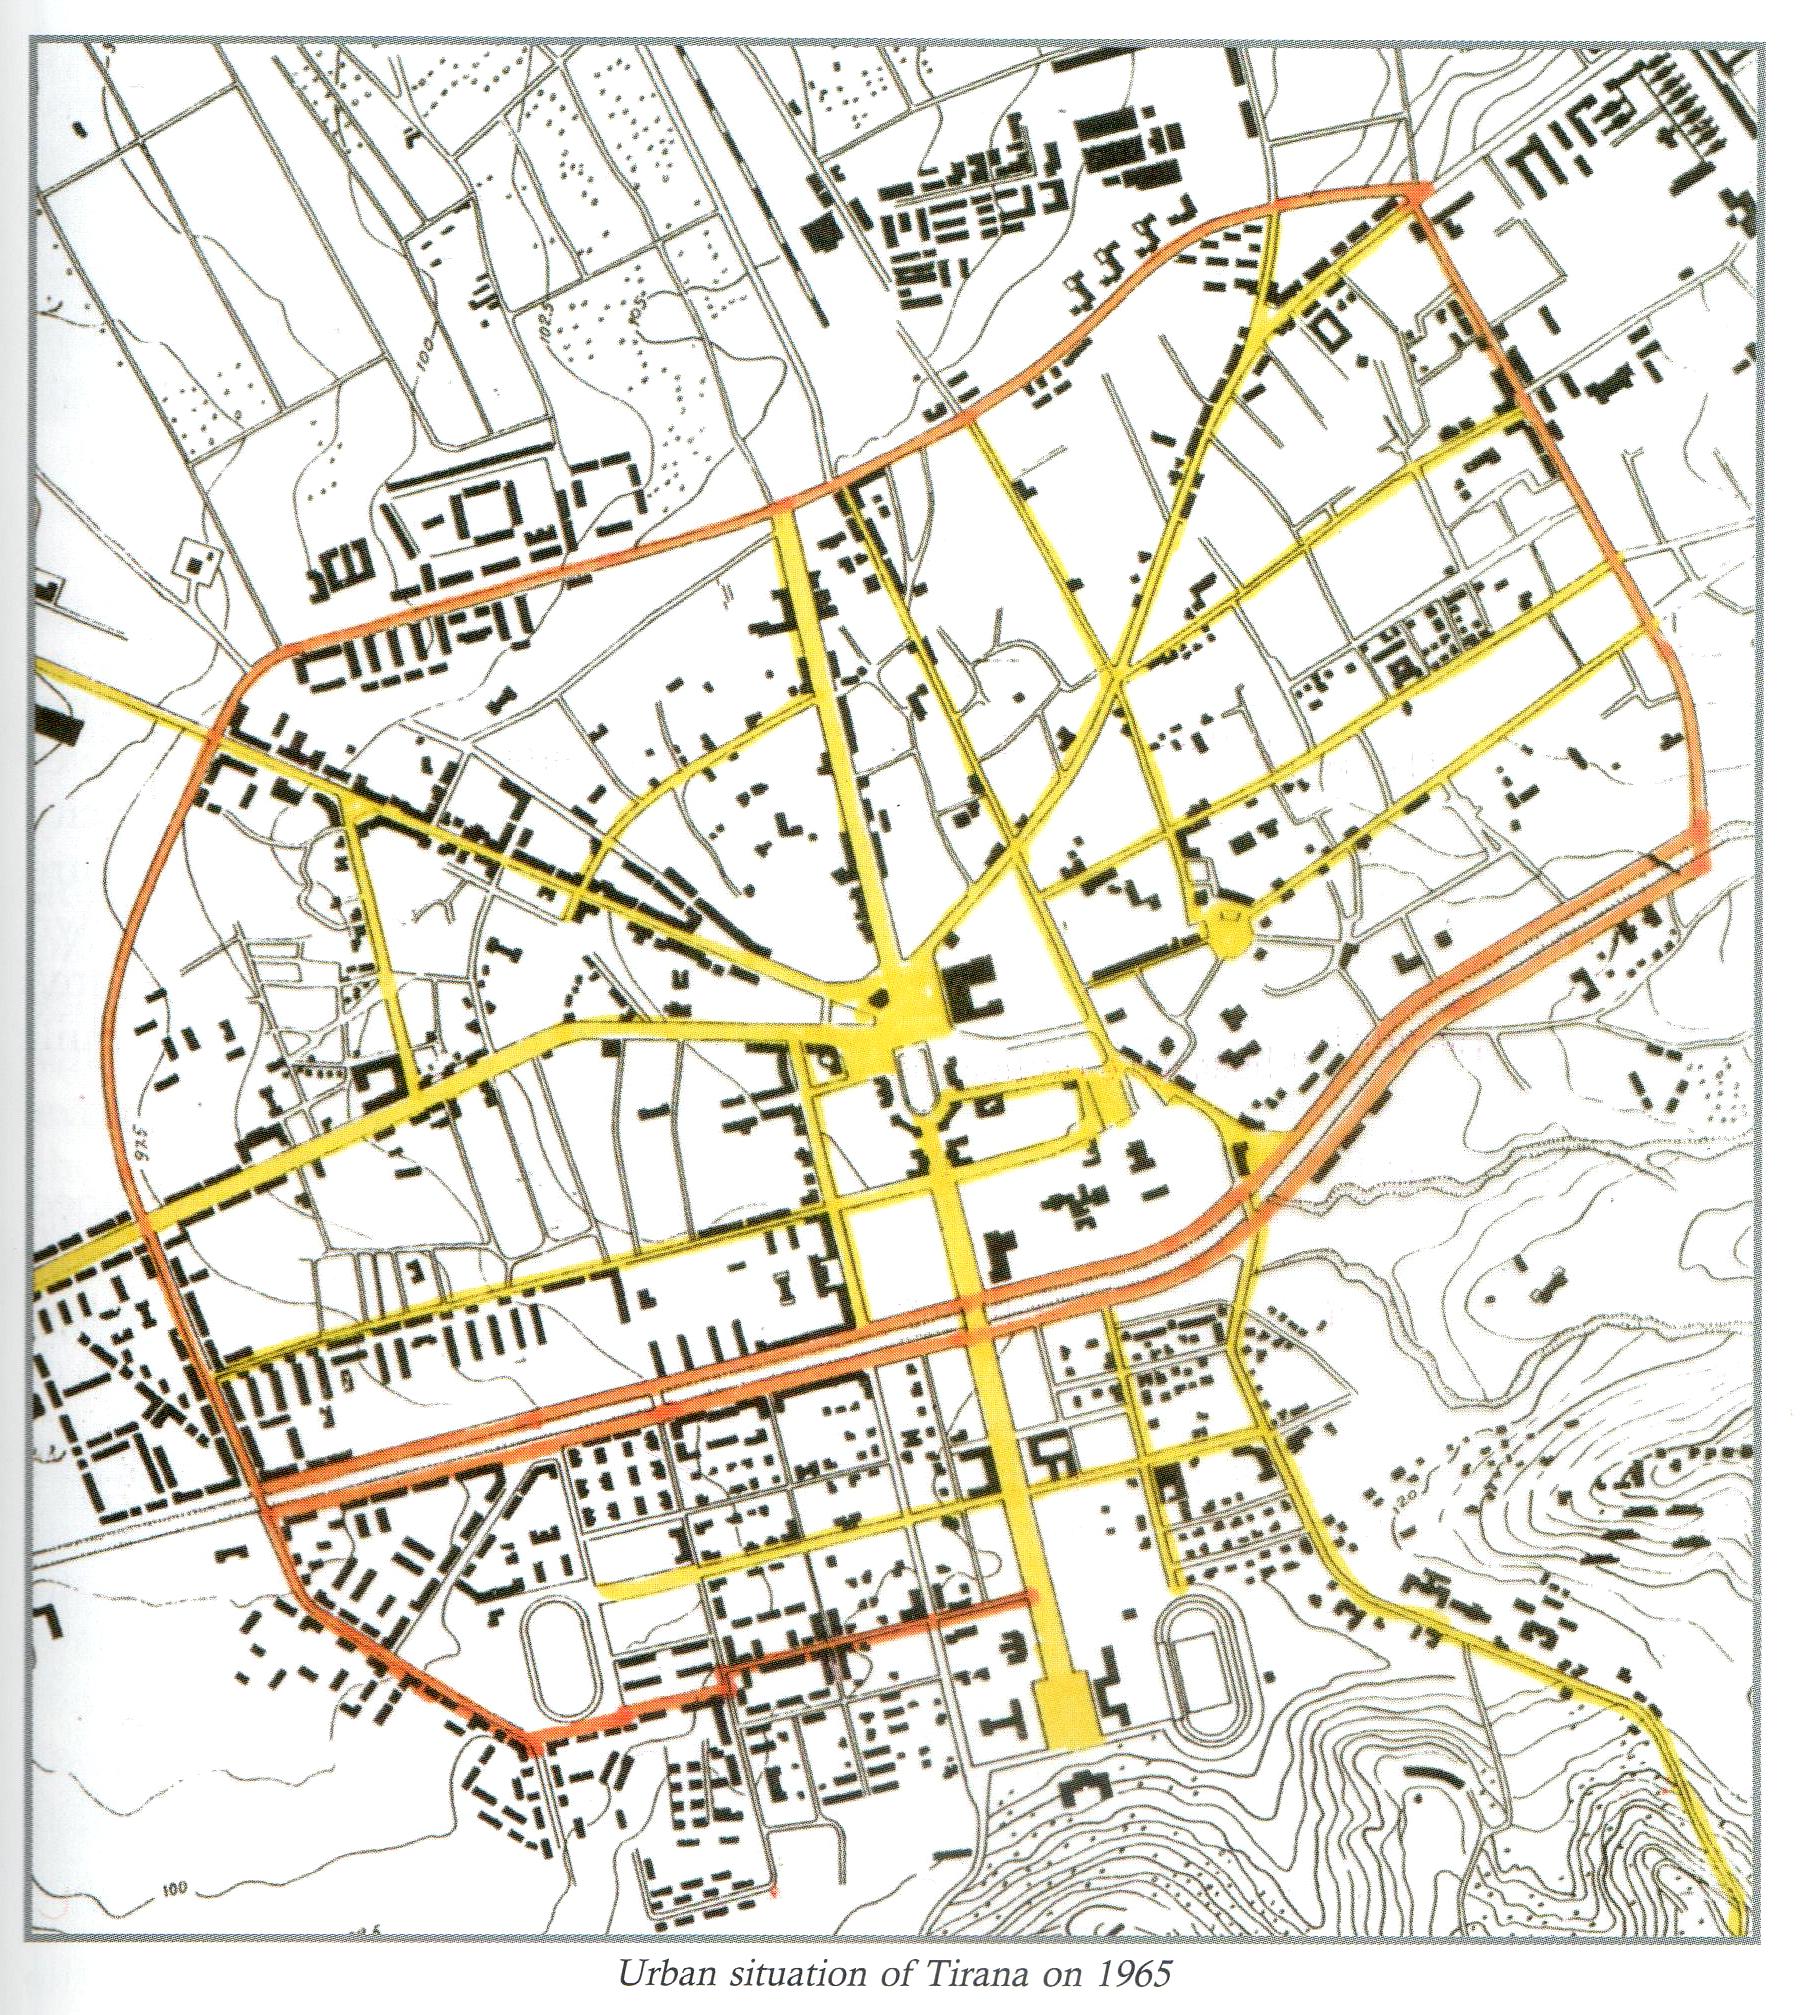 Tirana map 1957 - Full size